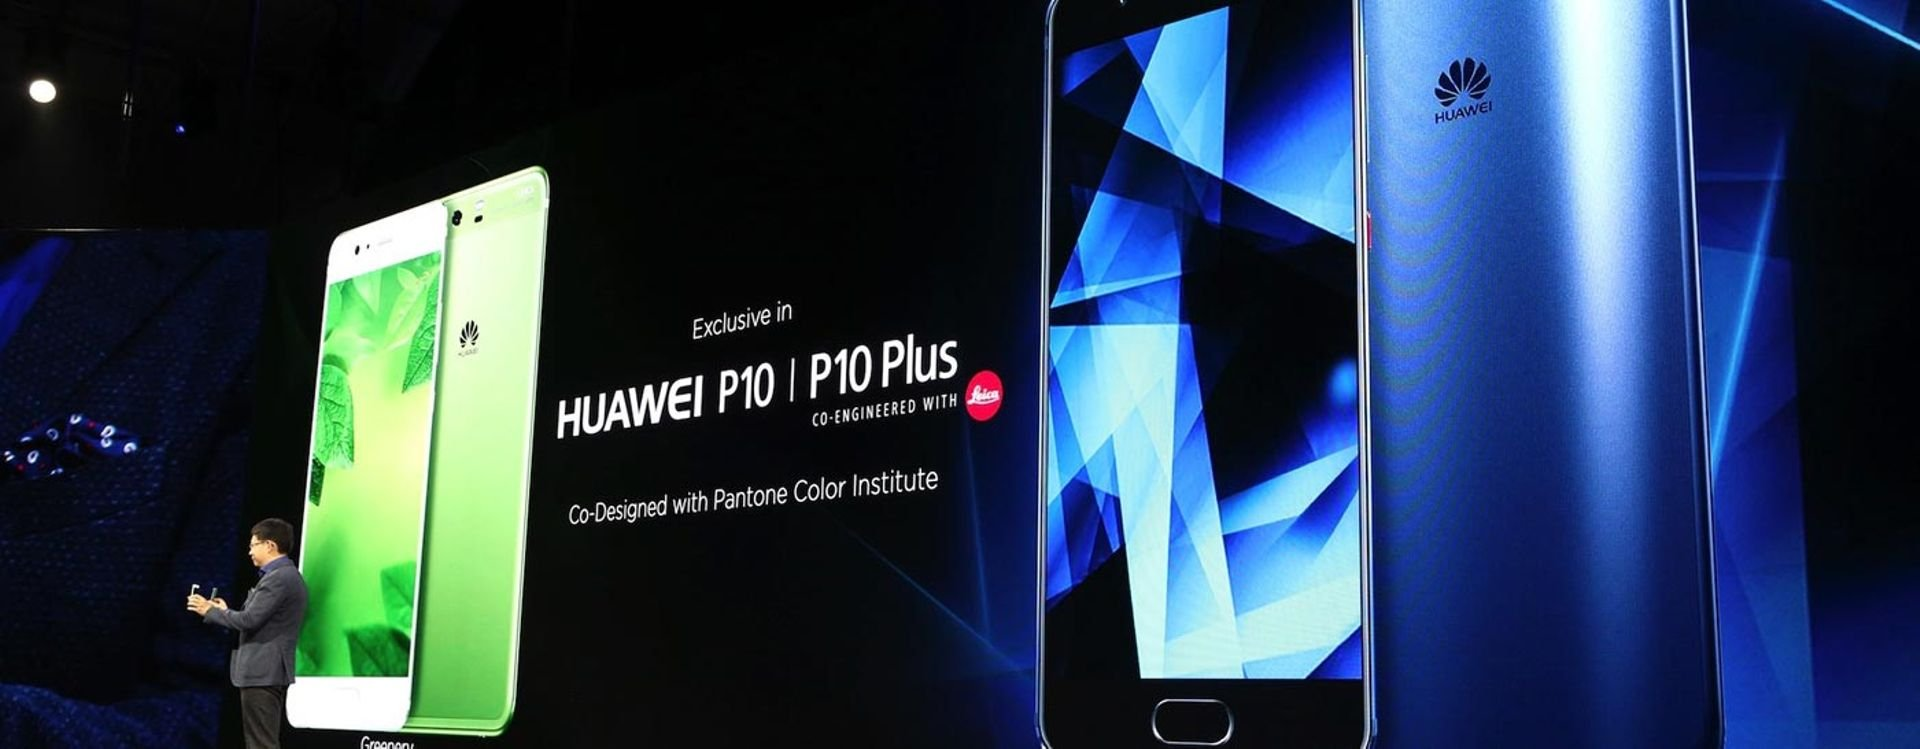 برشلونة 2017: هواوي تزيح الستار عن هواتف P10 المنتظرة